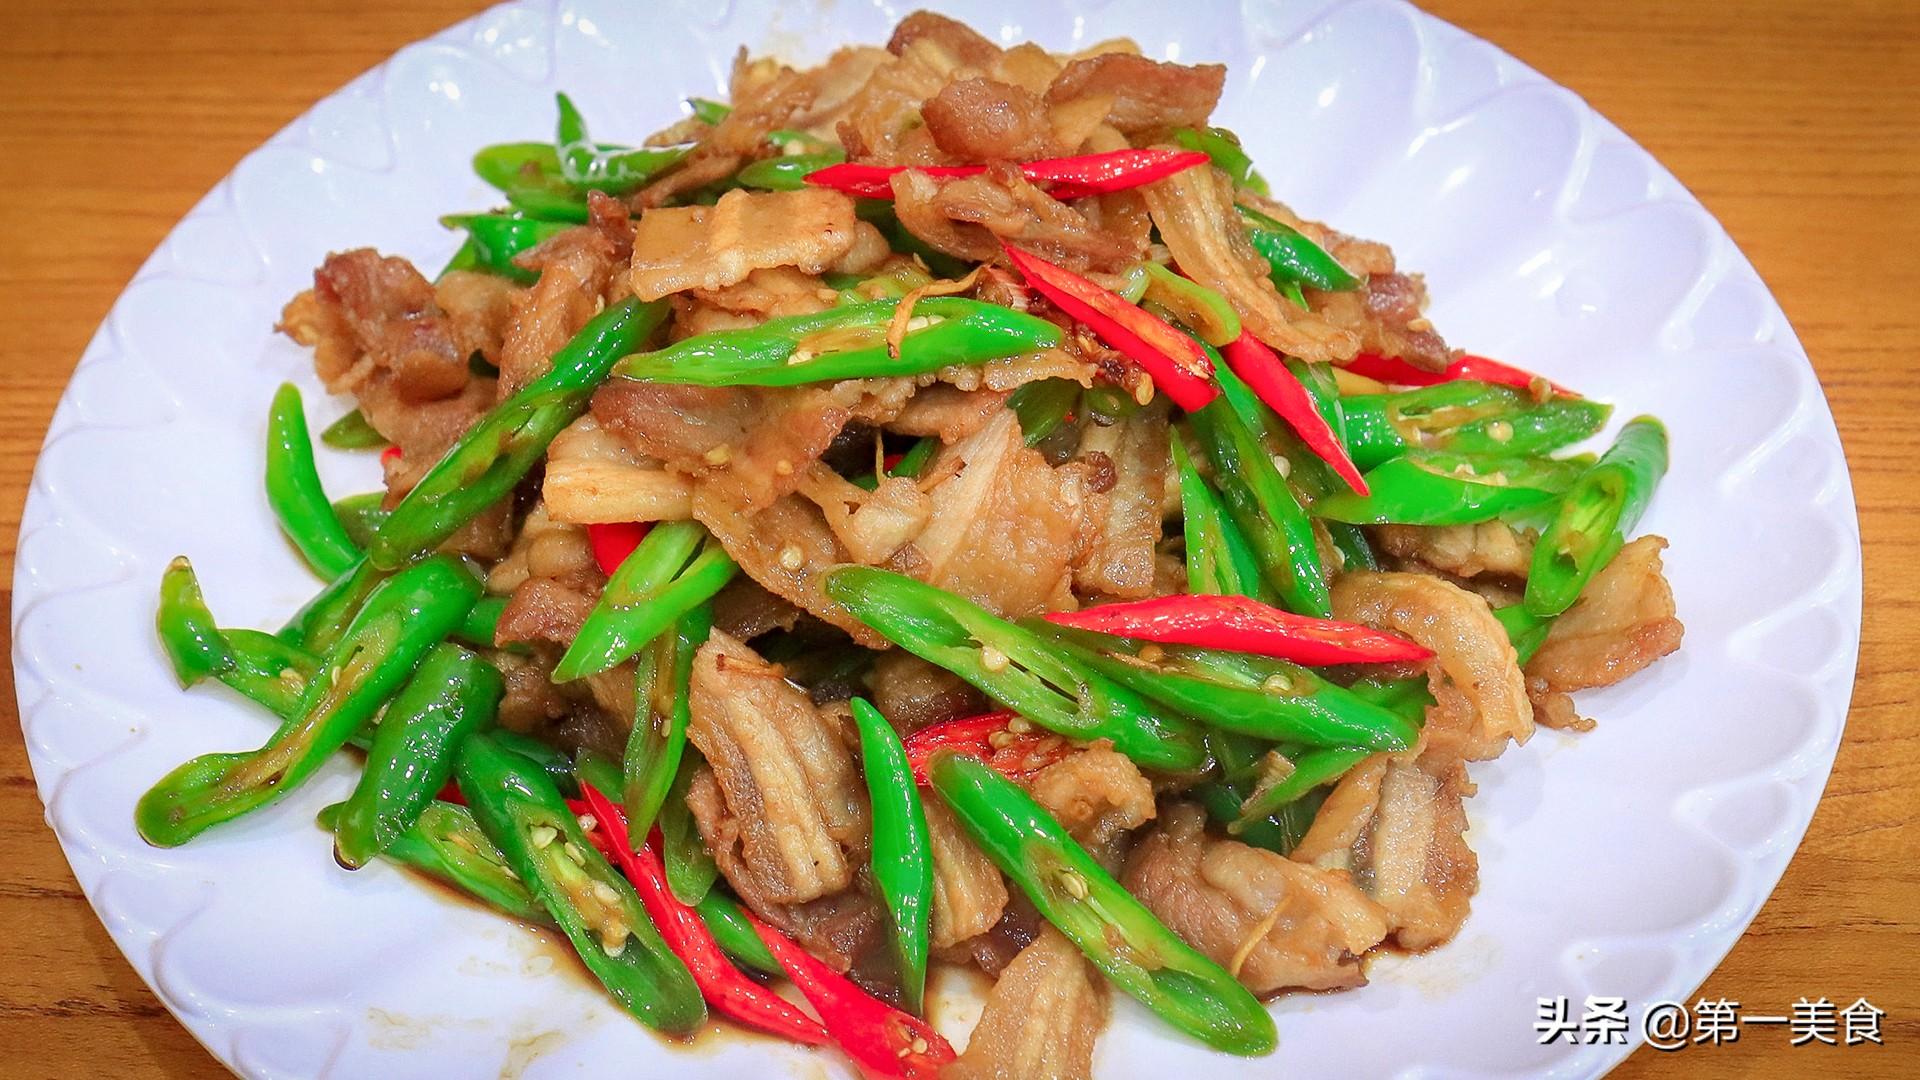 小炒肉怎么做才好吃,掌握这几个窍门,肉片焦香不油腻,香辣下饭